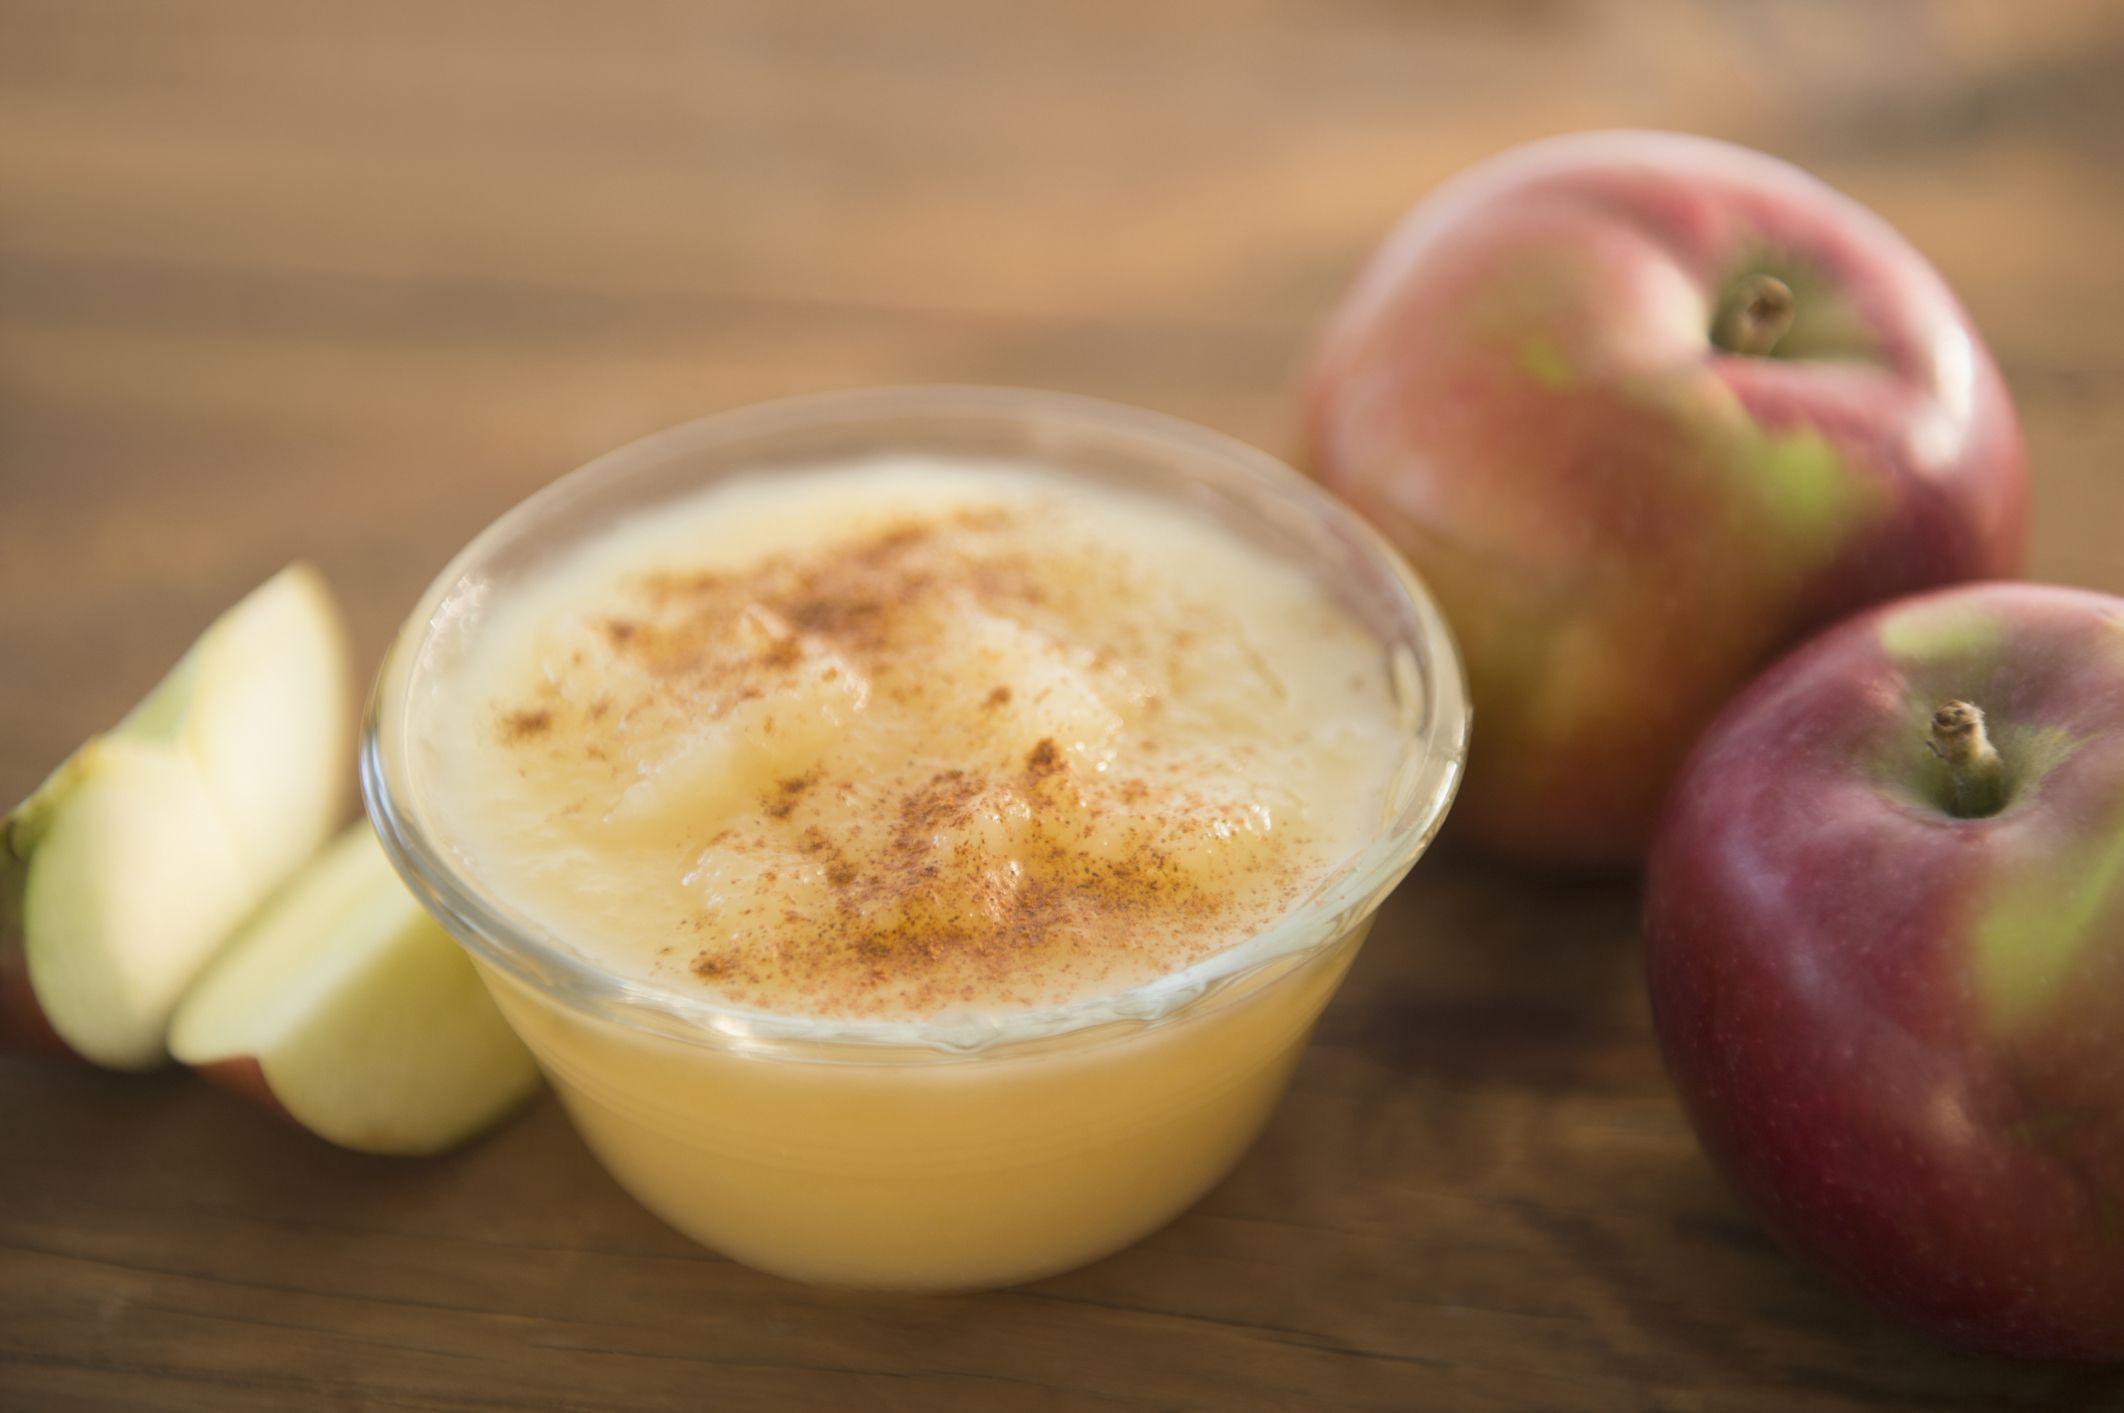 gluten-free applesauce